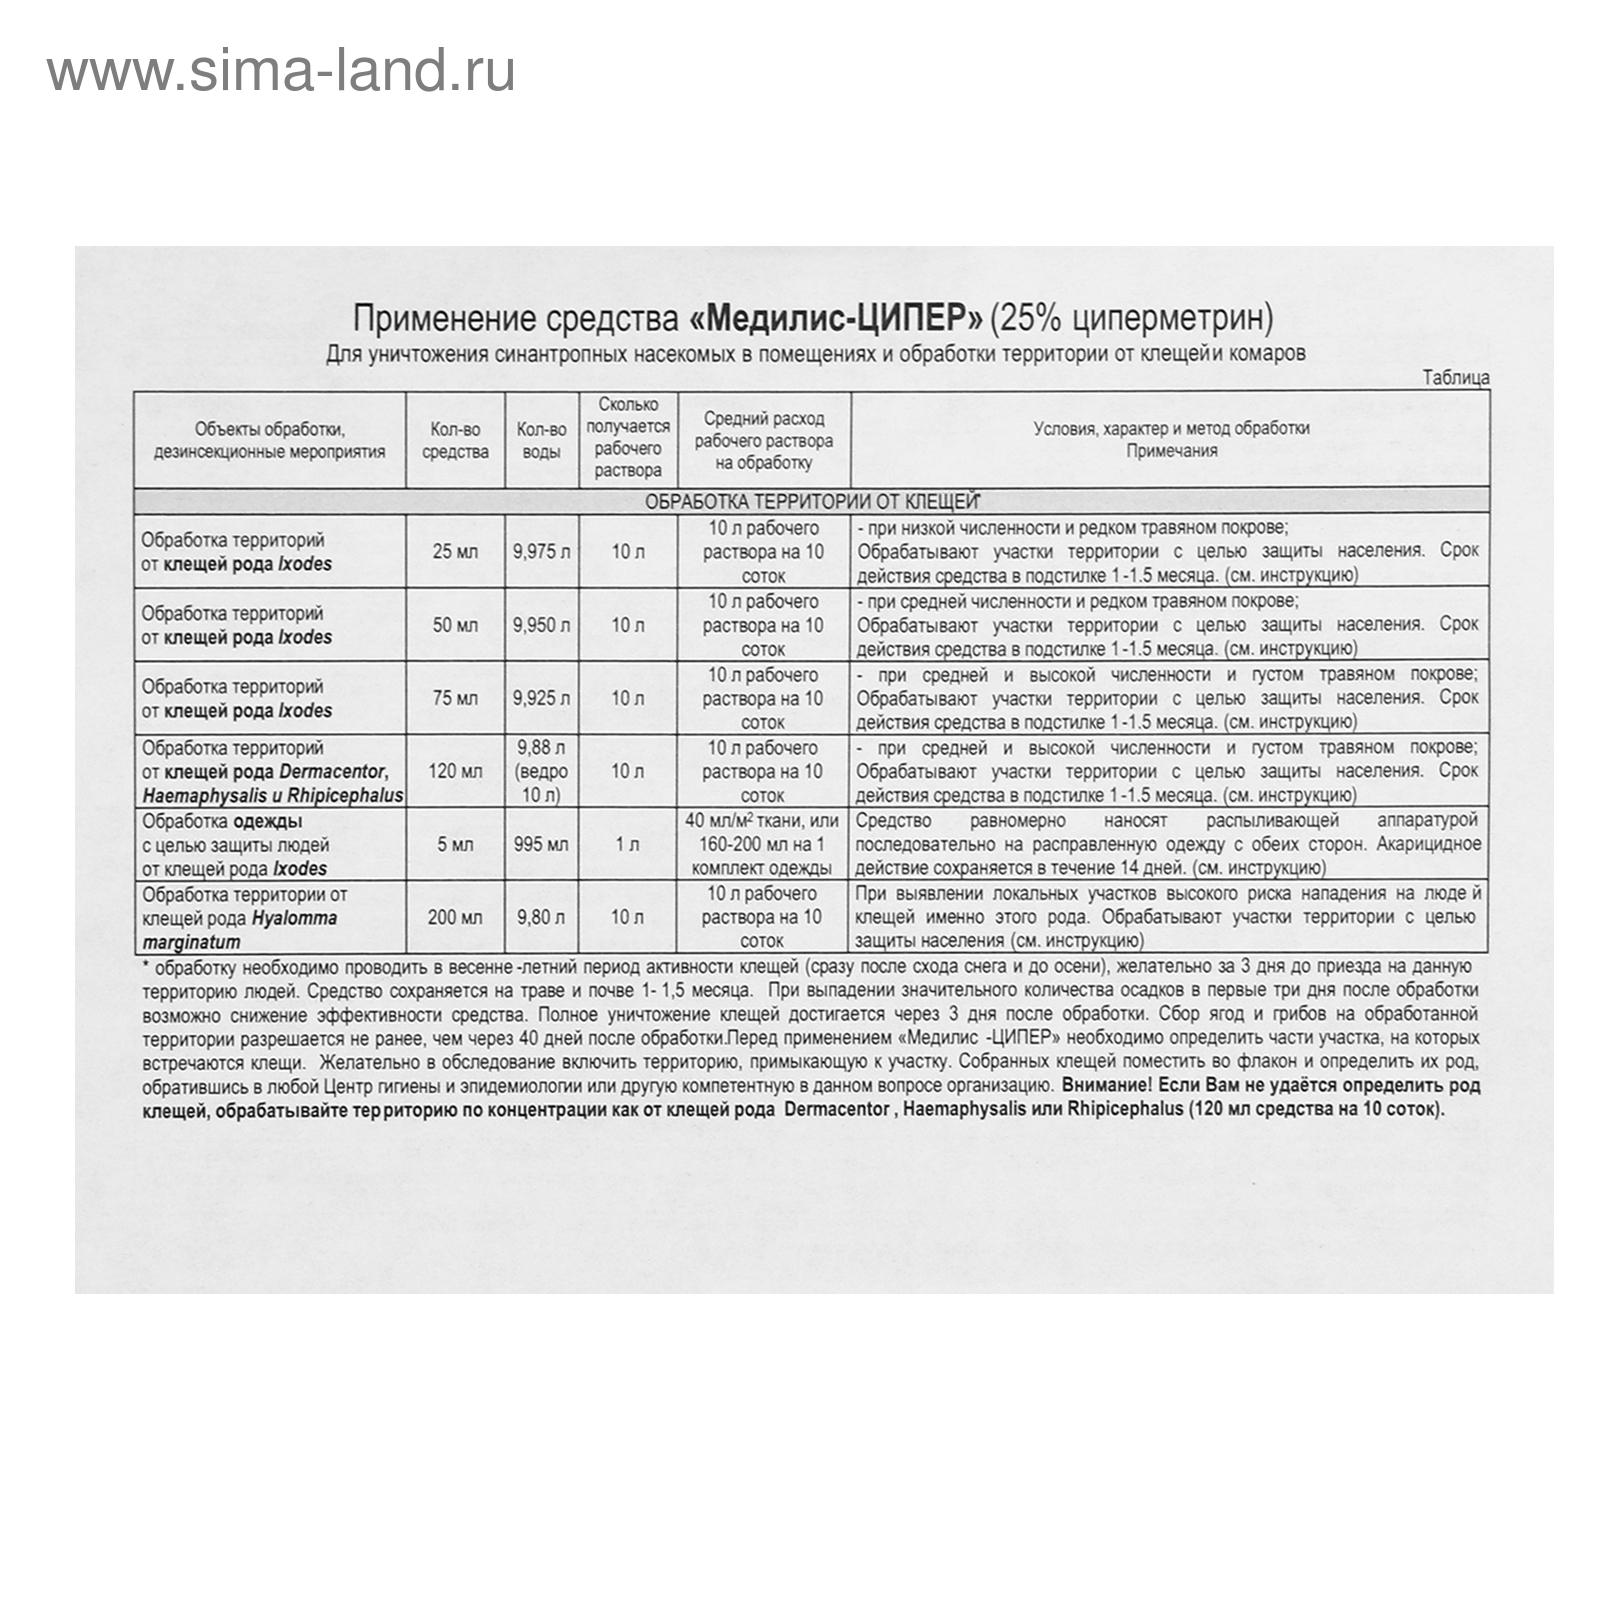 Циперметрин от ос: описание и способы использования